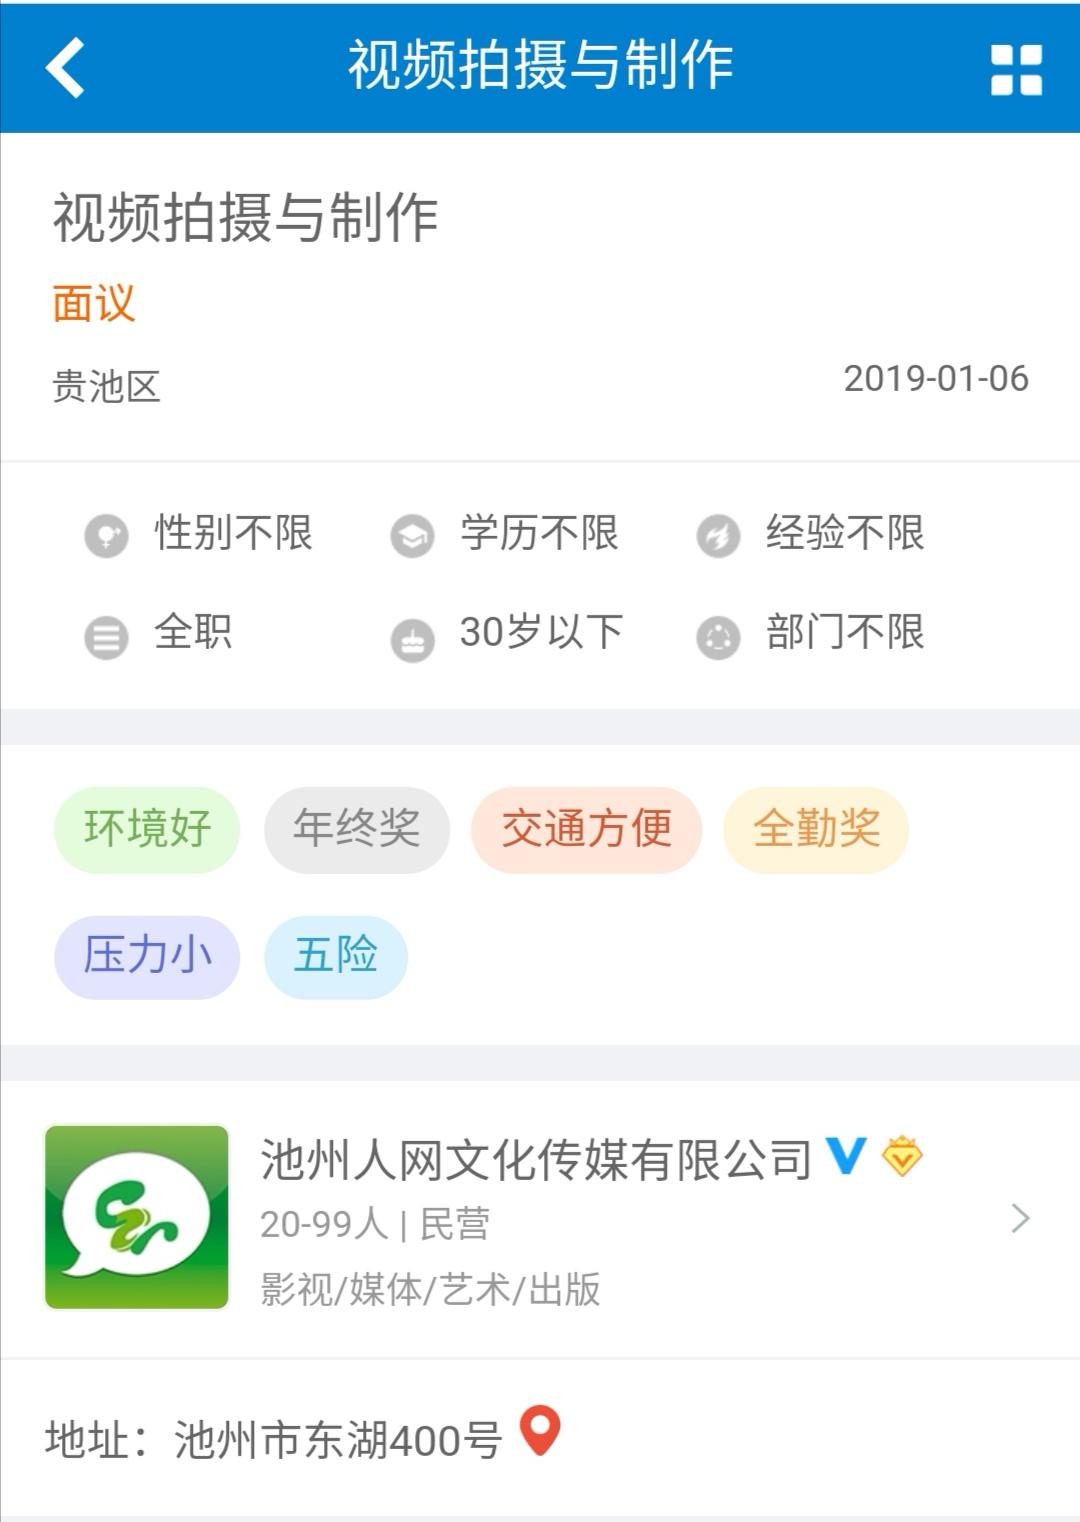 Screenshot_20190305_143006.jpg